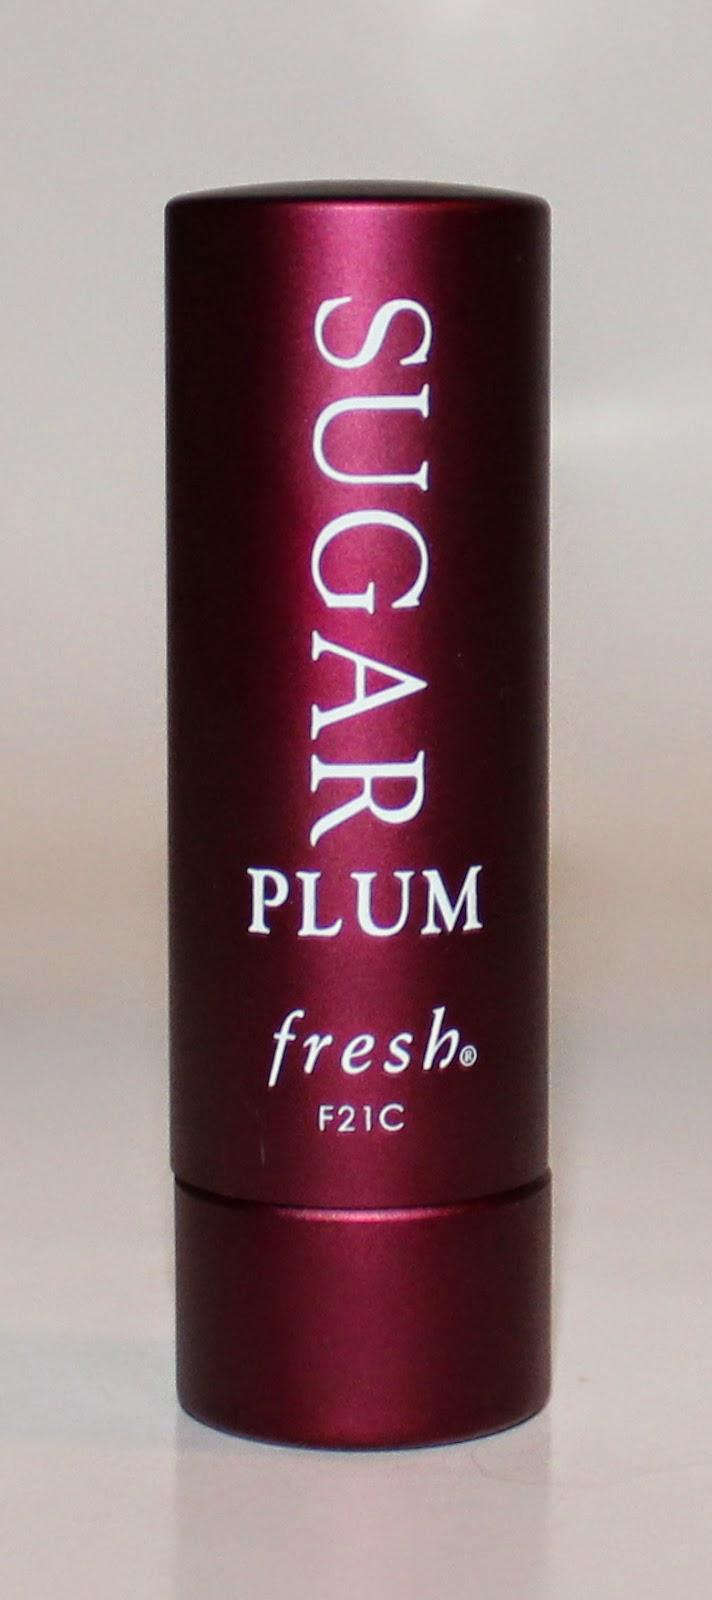 Fresh Sugar Lip Treatment SPF 15 in Plum